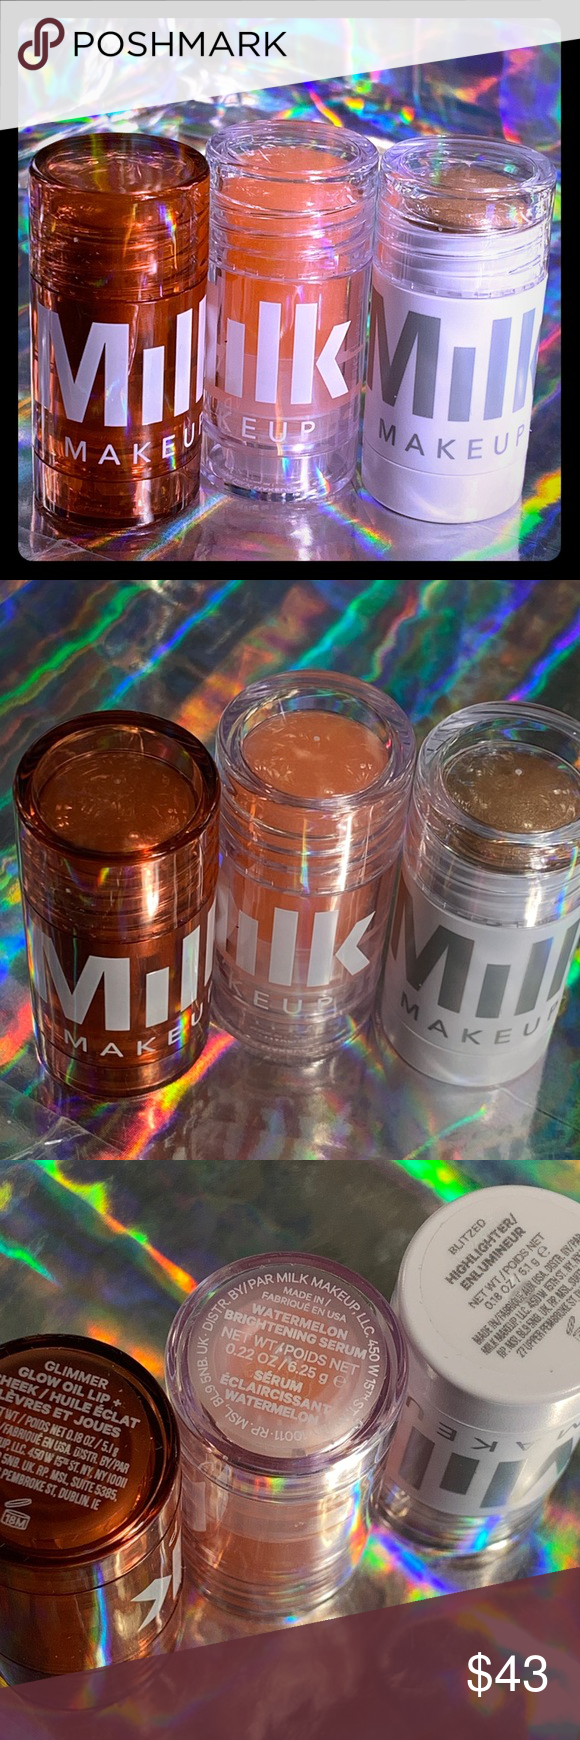 Milk Makeup full sz GLIMMER LIP + cheek & 2 minis in 2020